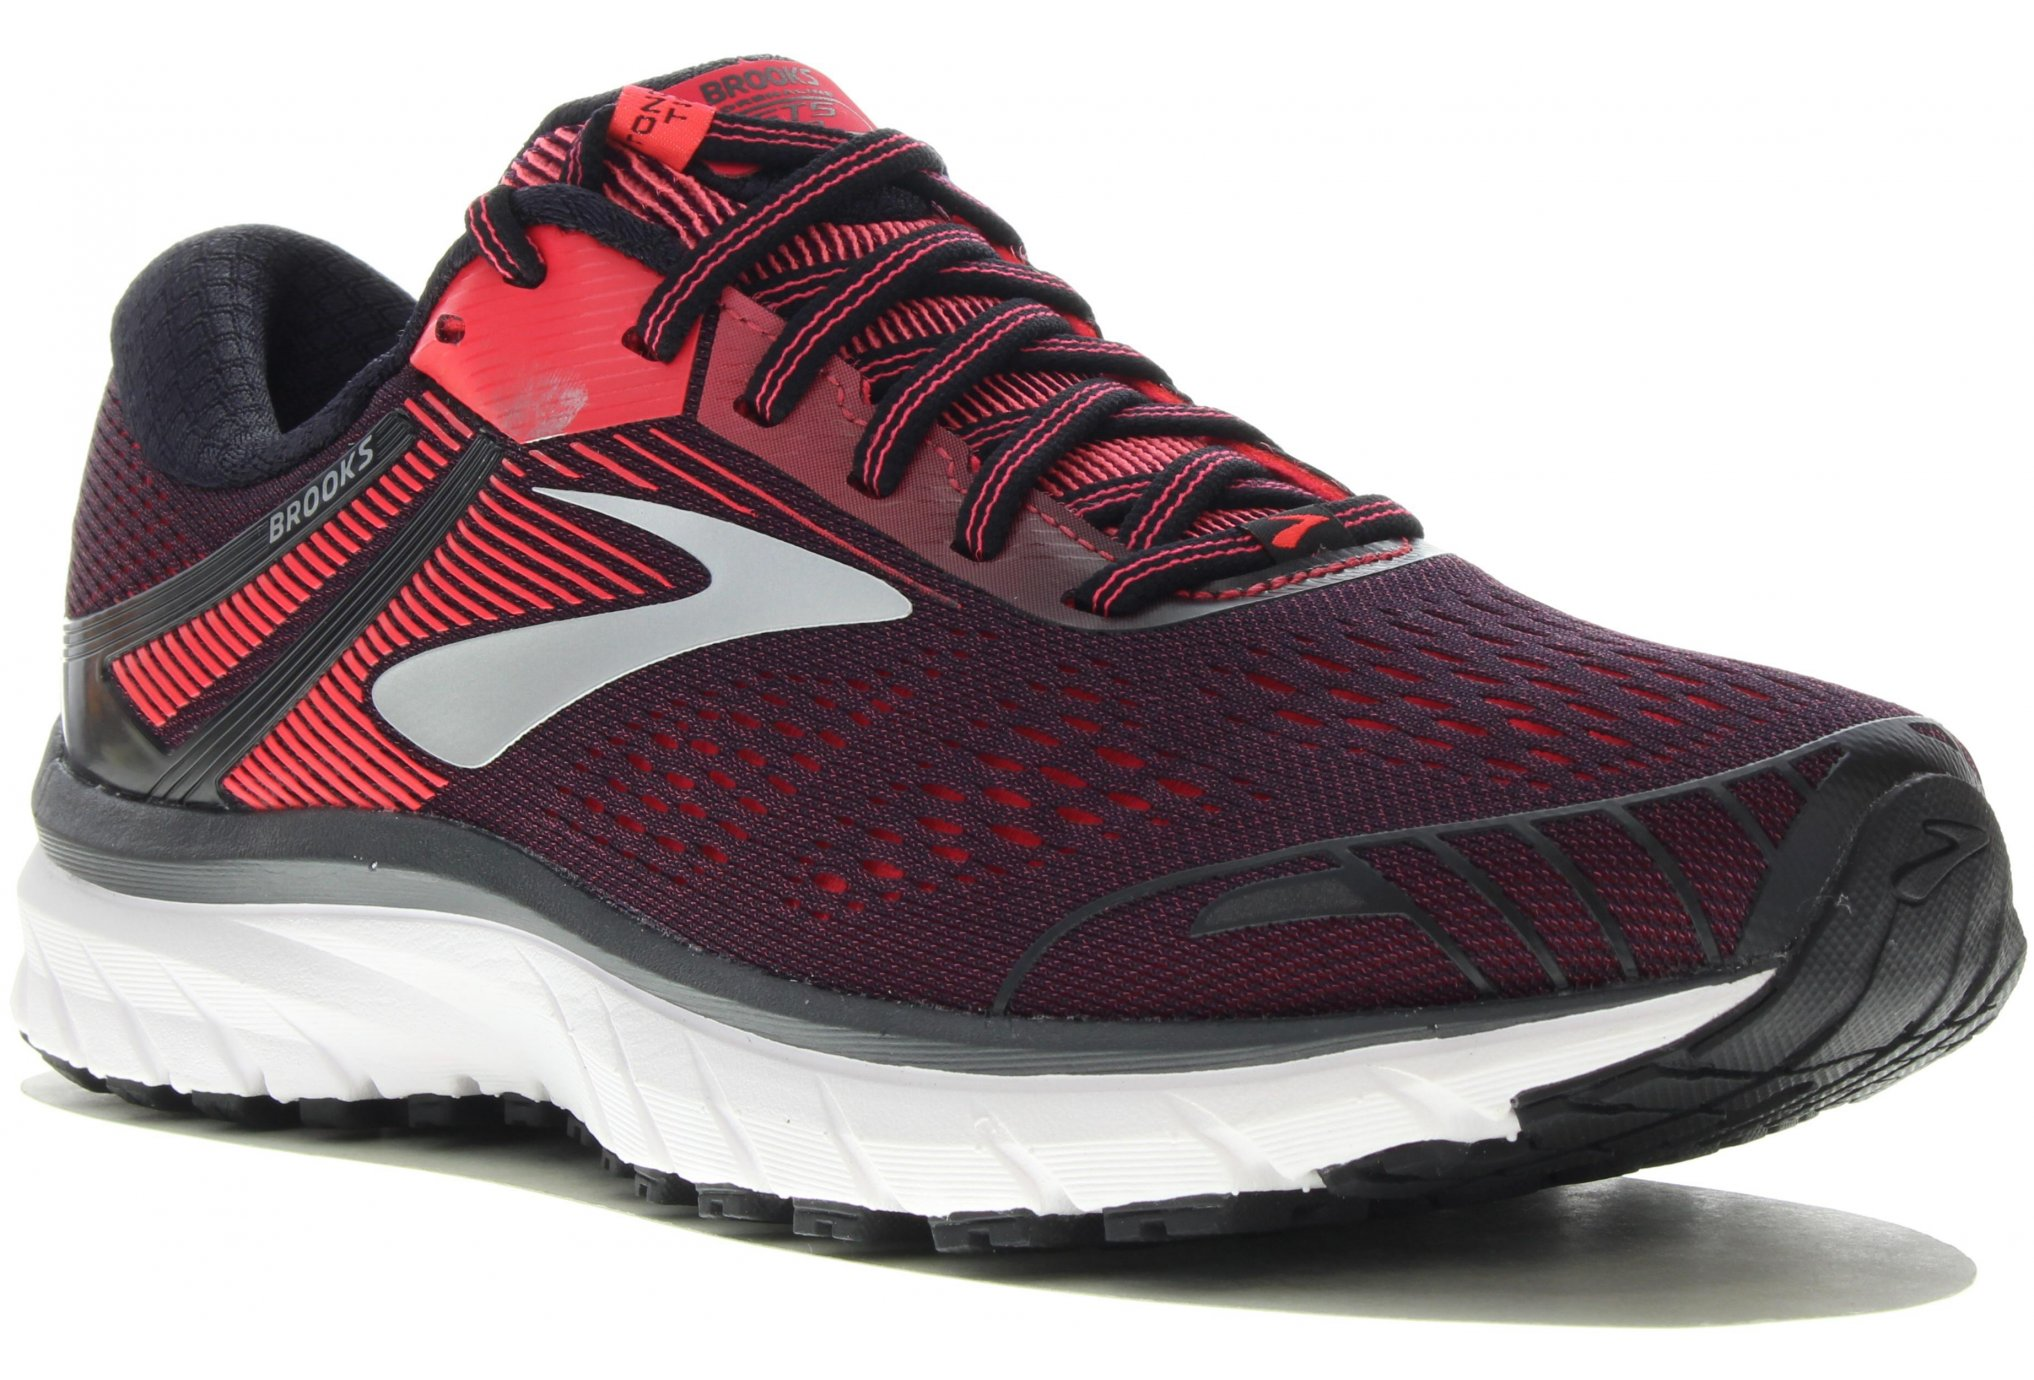 Brooks Adrenaline gts 18 w diététique chaussures femme